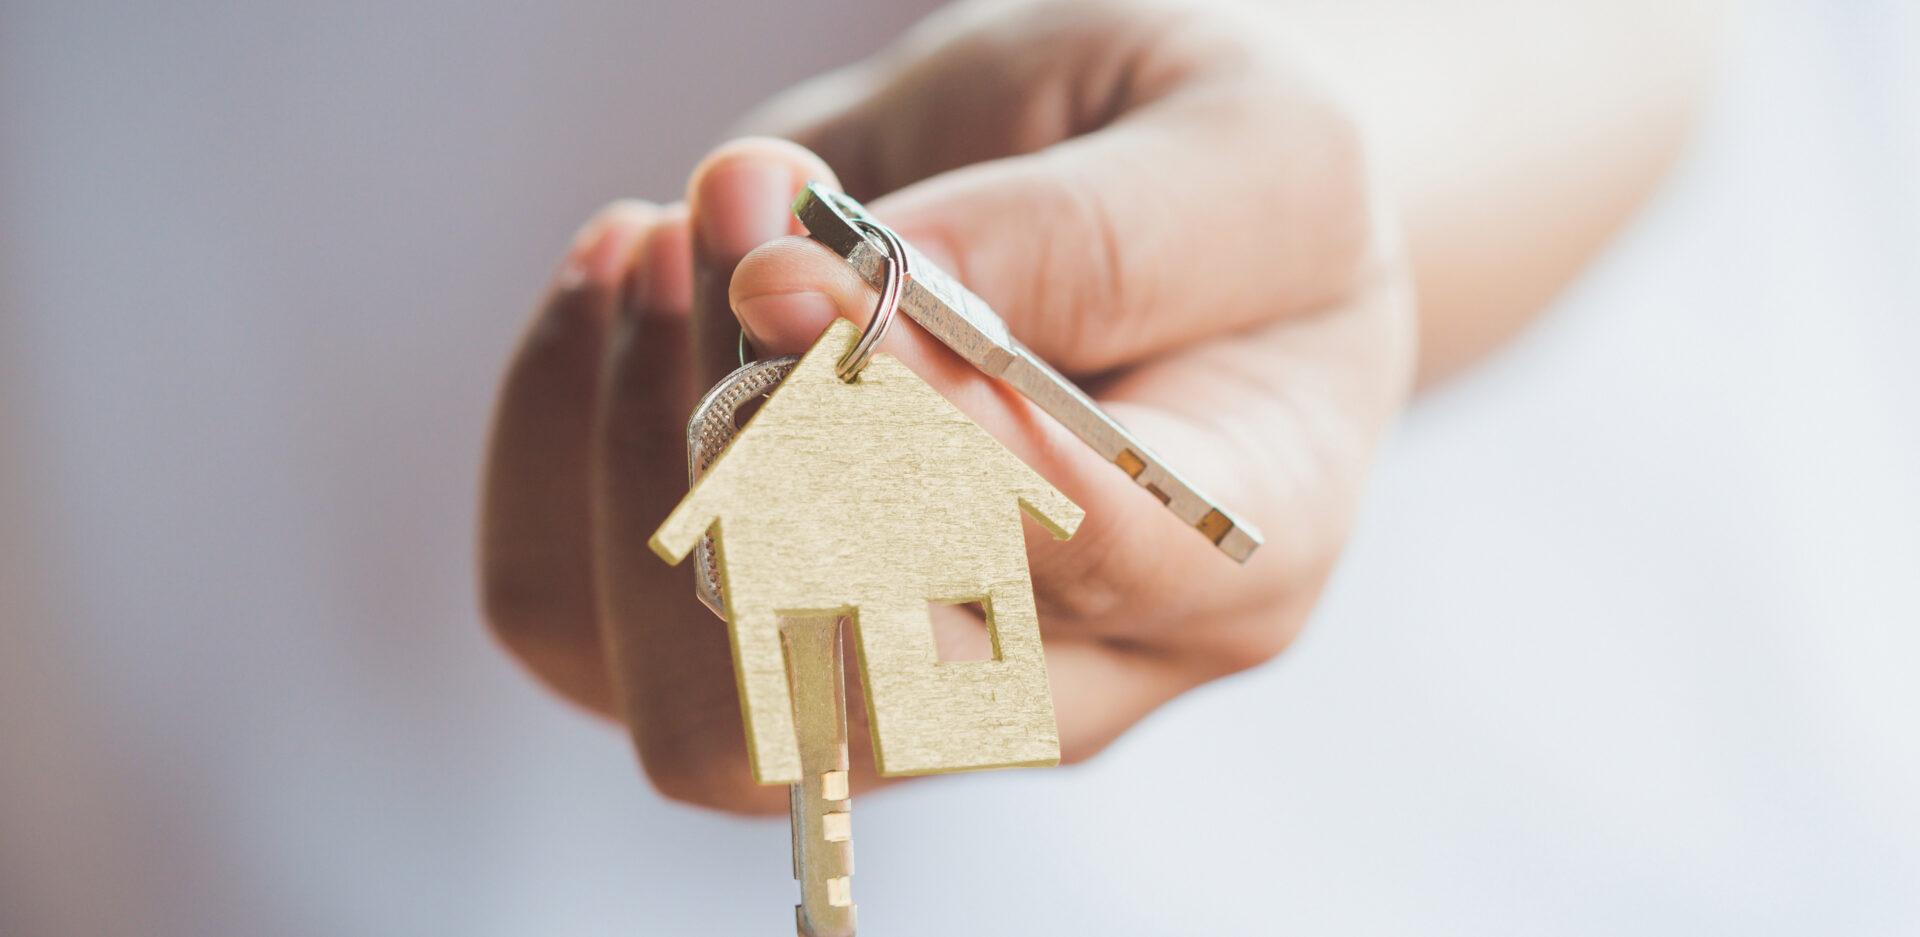 Nieuwbouw of bestaand vastgoed kopen?